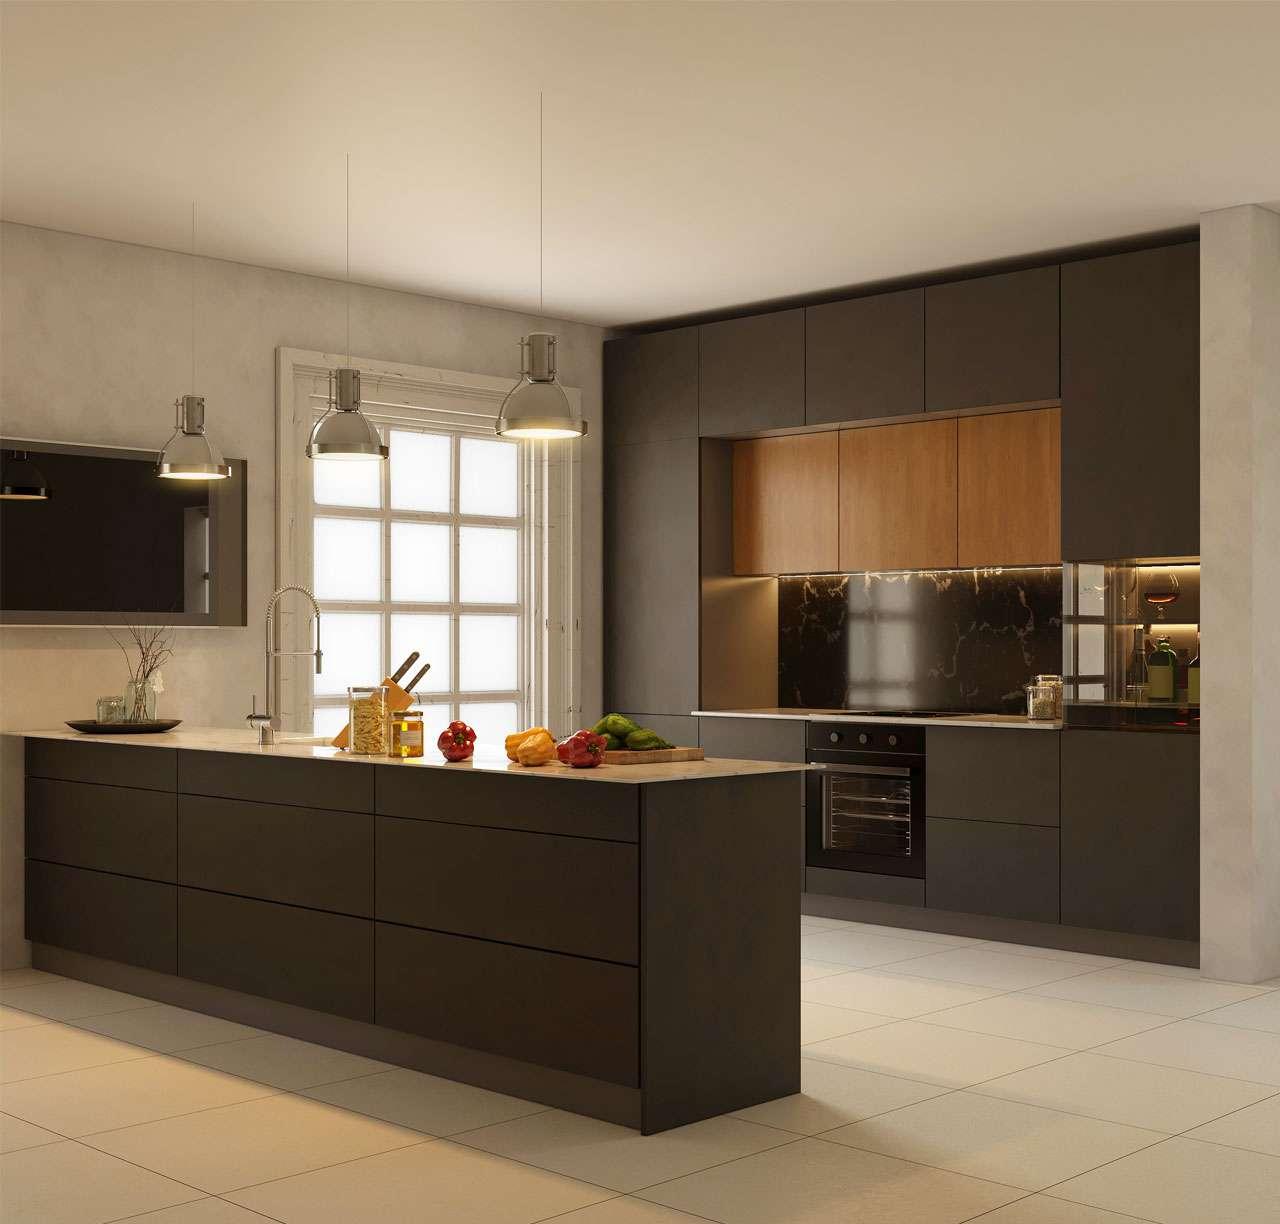 Premium British kitchen design with stylish worktop